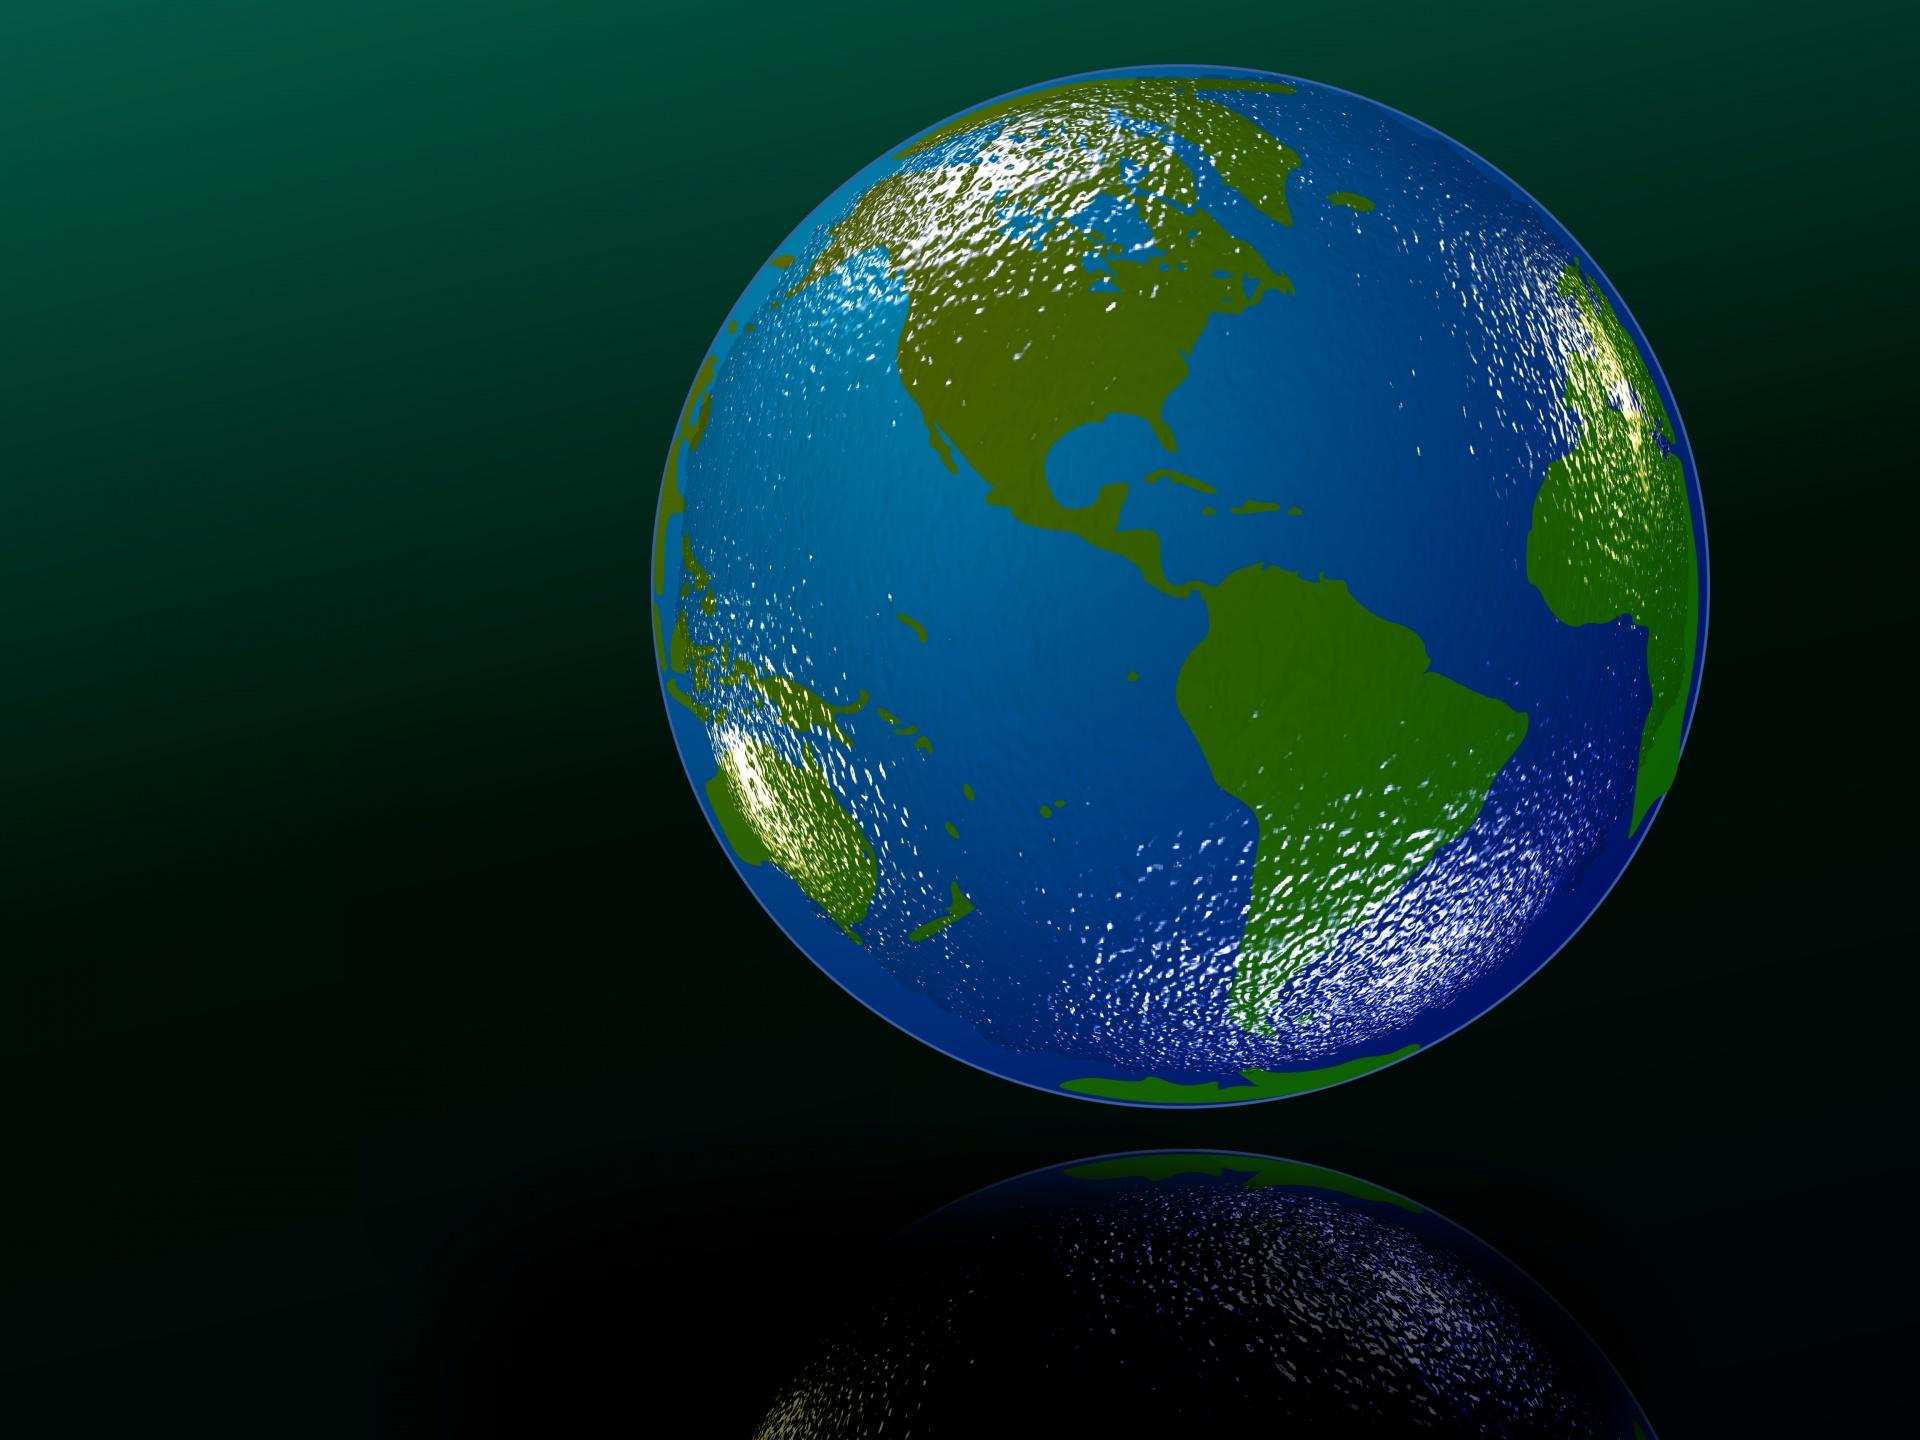 Земной шар фото в хорошем качестве помогает